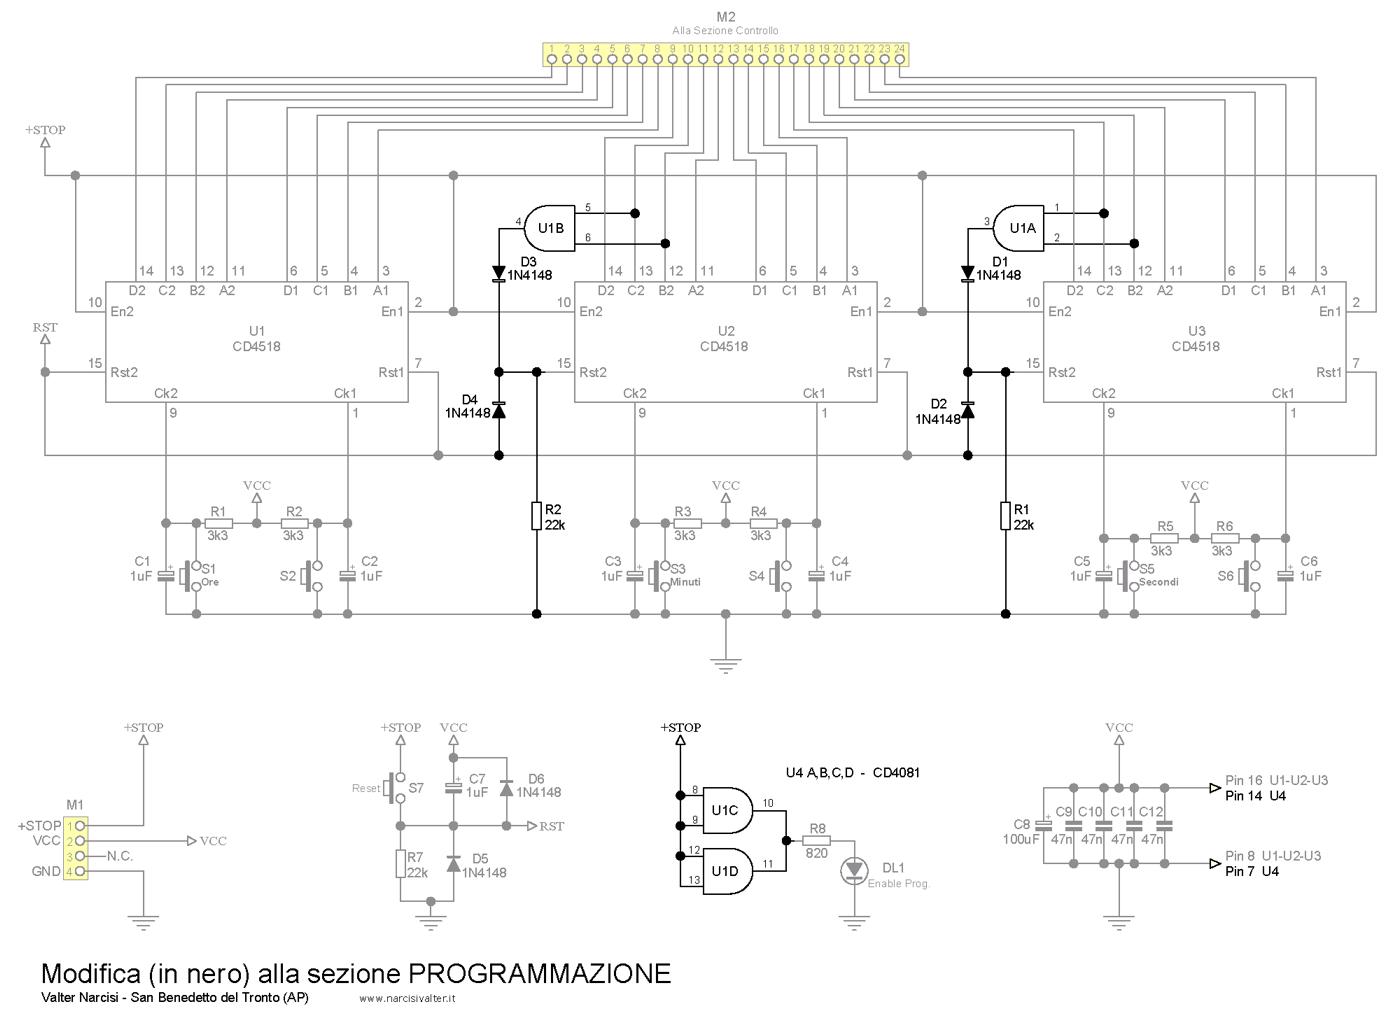 Schema Elettrico Orologio Temporizzatore : Timer digitale programmabile hh mm ss fino a ore